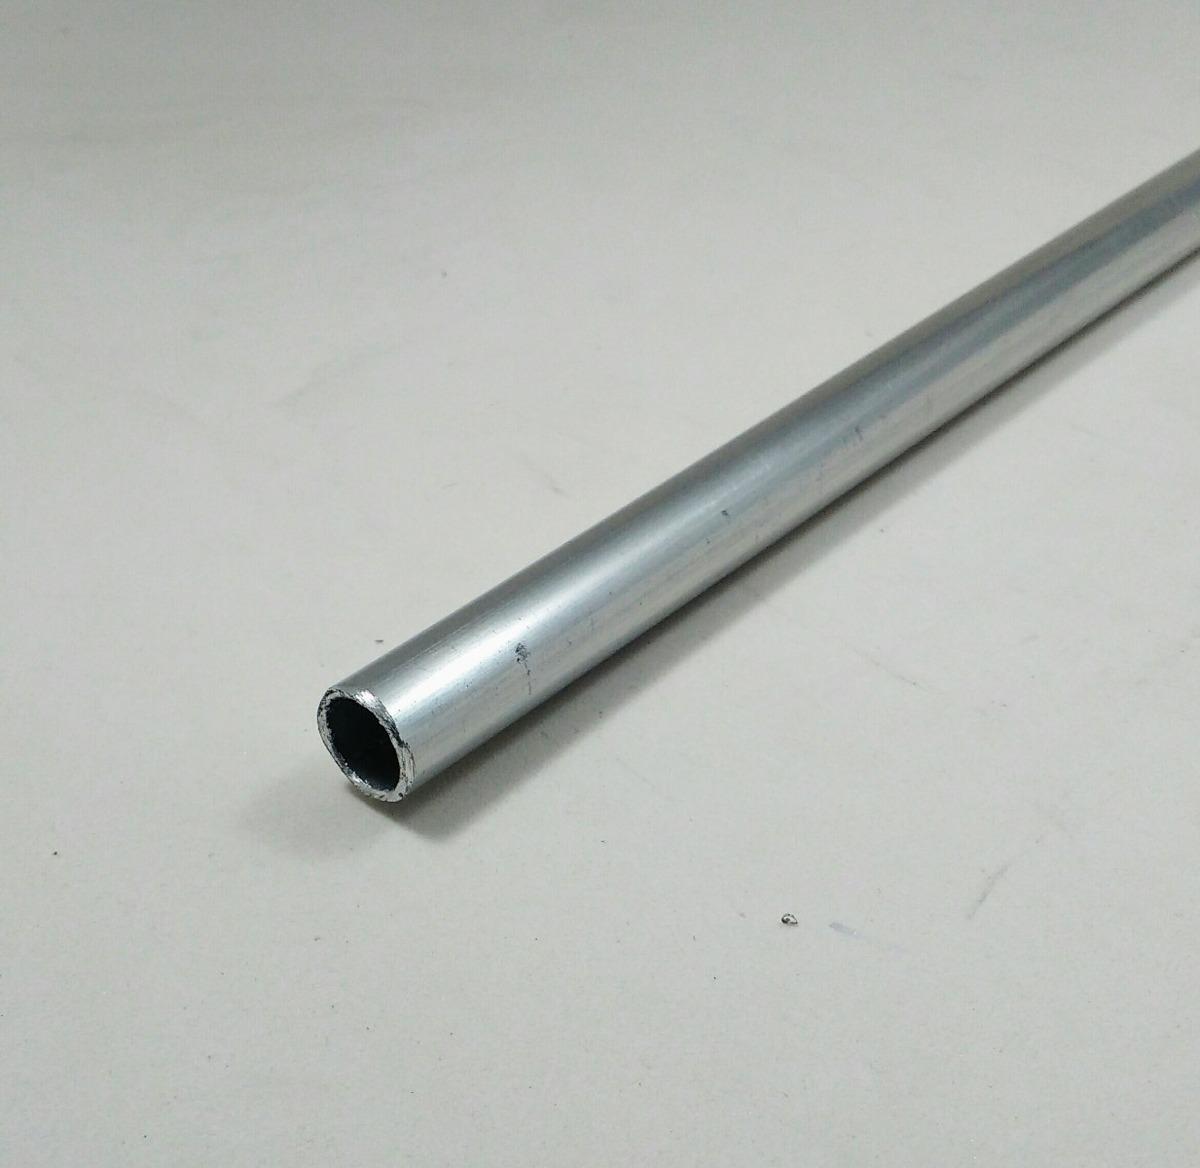 Tubo aluminio redondo 1 2 x 1 16 1 27cm x 1 58mm c 99cm - Tubo de aluminio ...